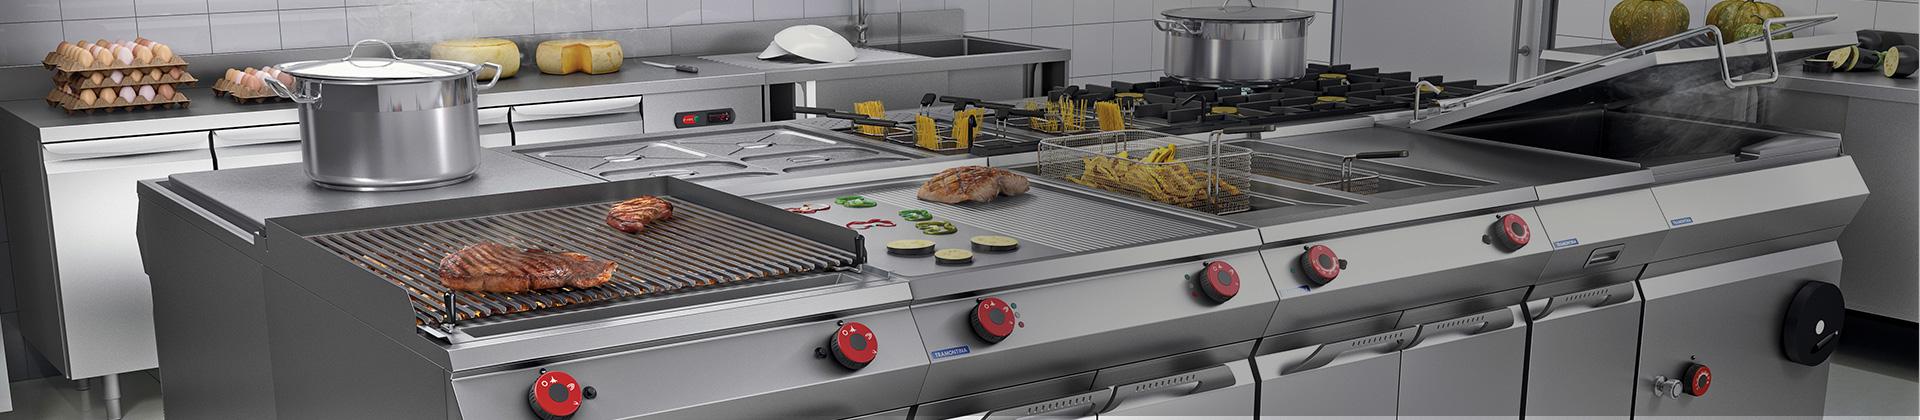 Banner Carrossel Categoria - Cocinas Profissionales